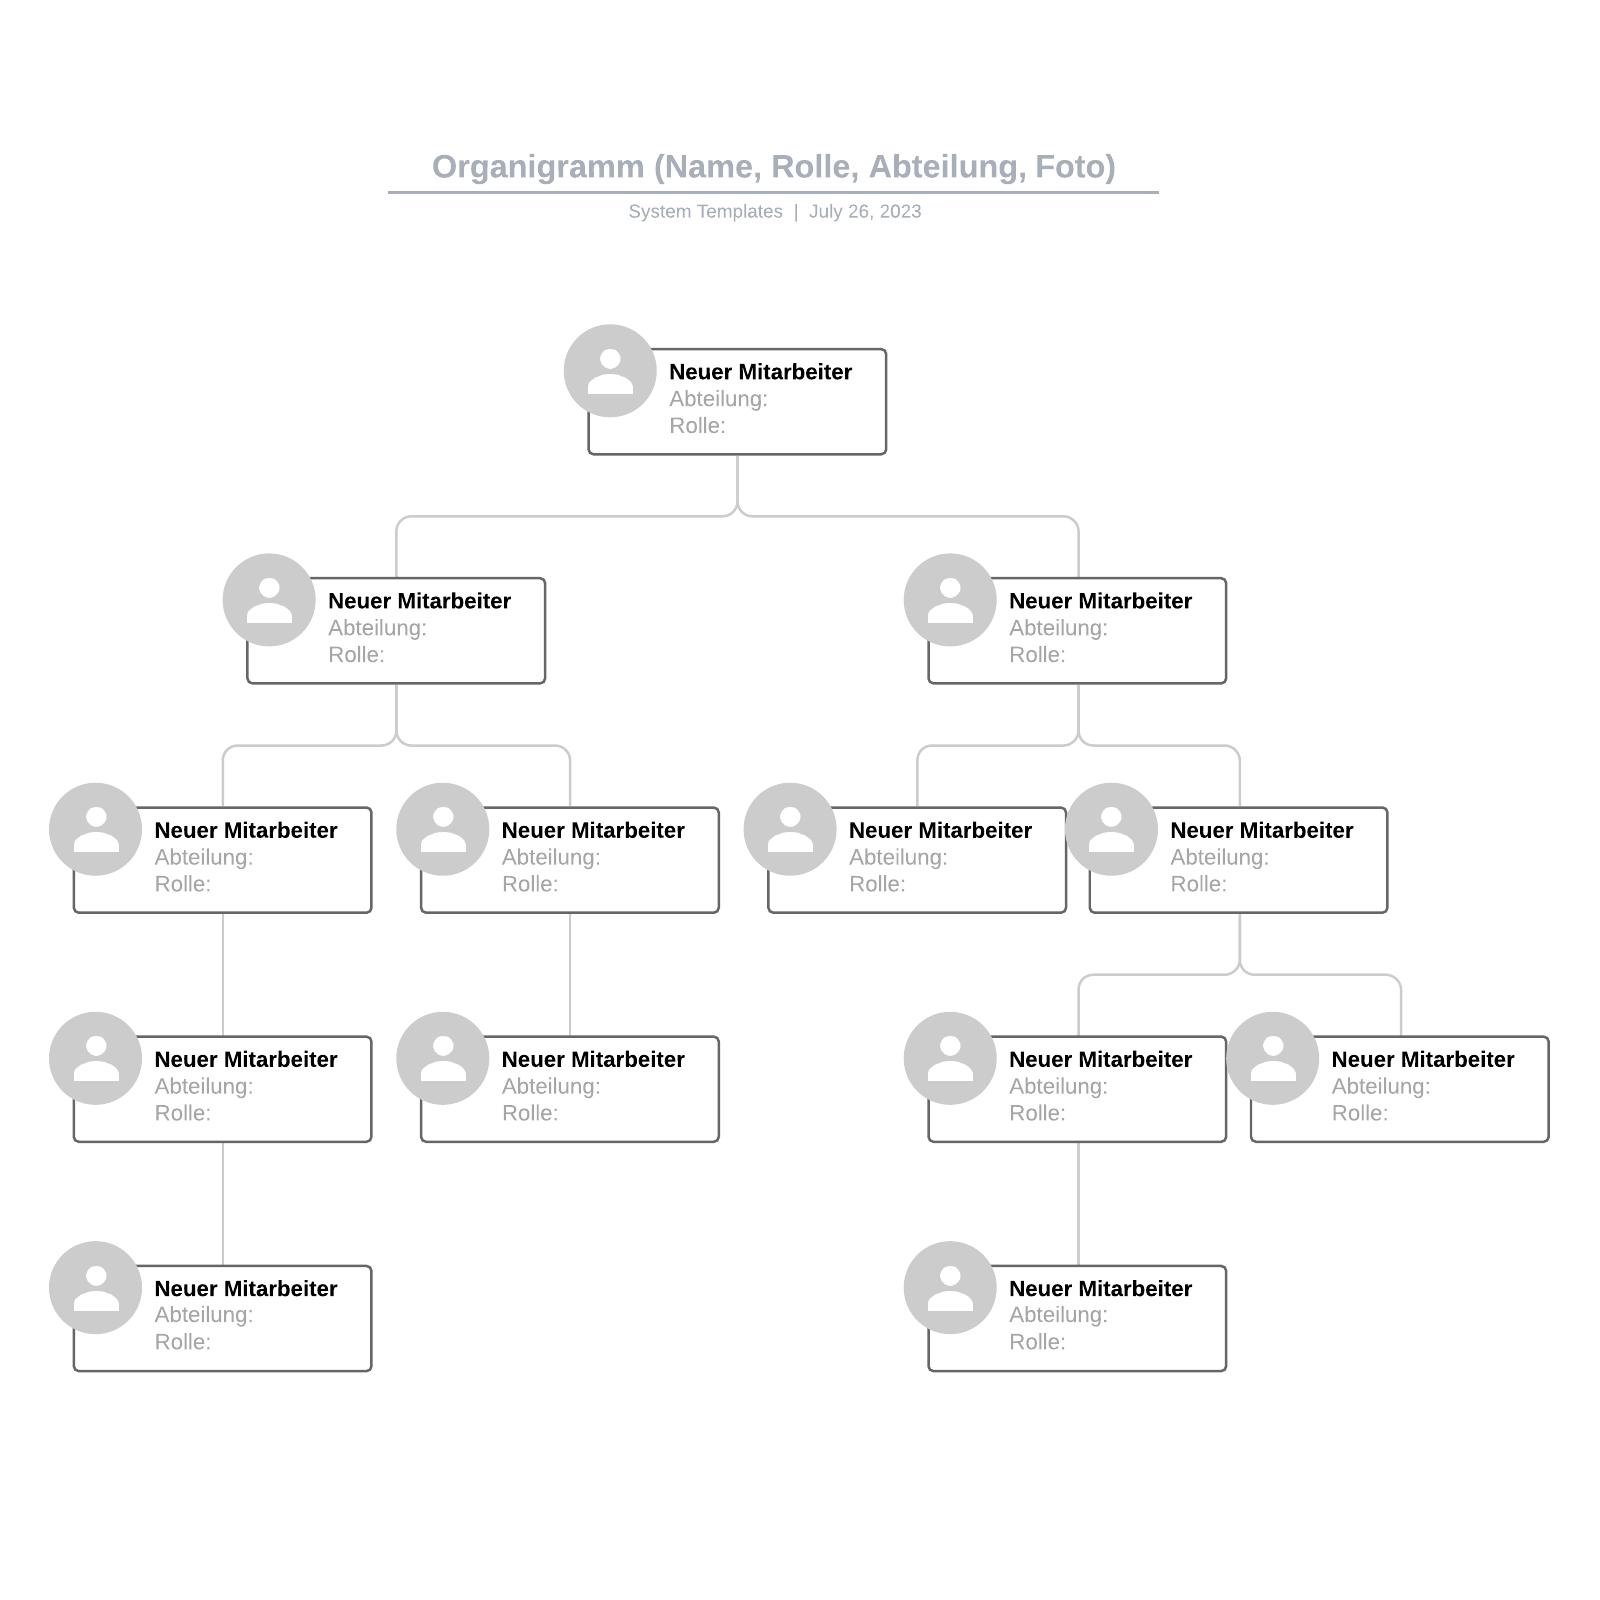 Organigramm Vorlage (Name, Rolle, Abteilung, Foto)